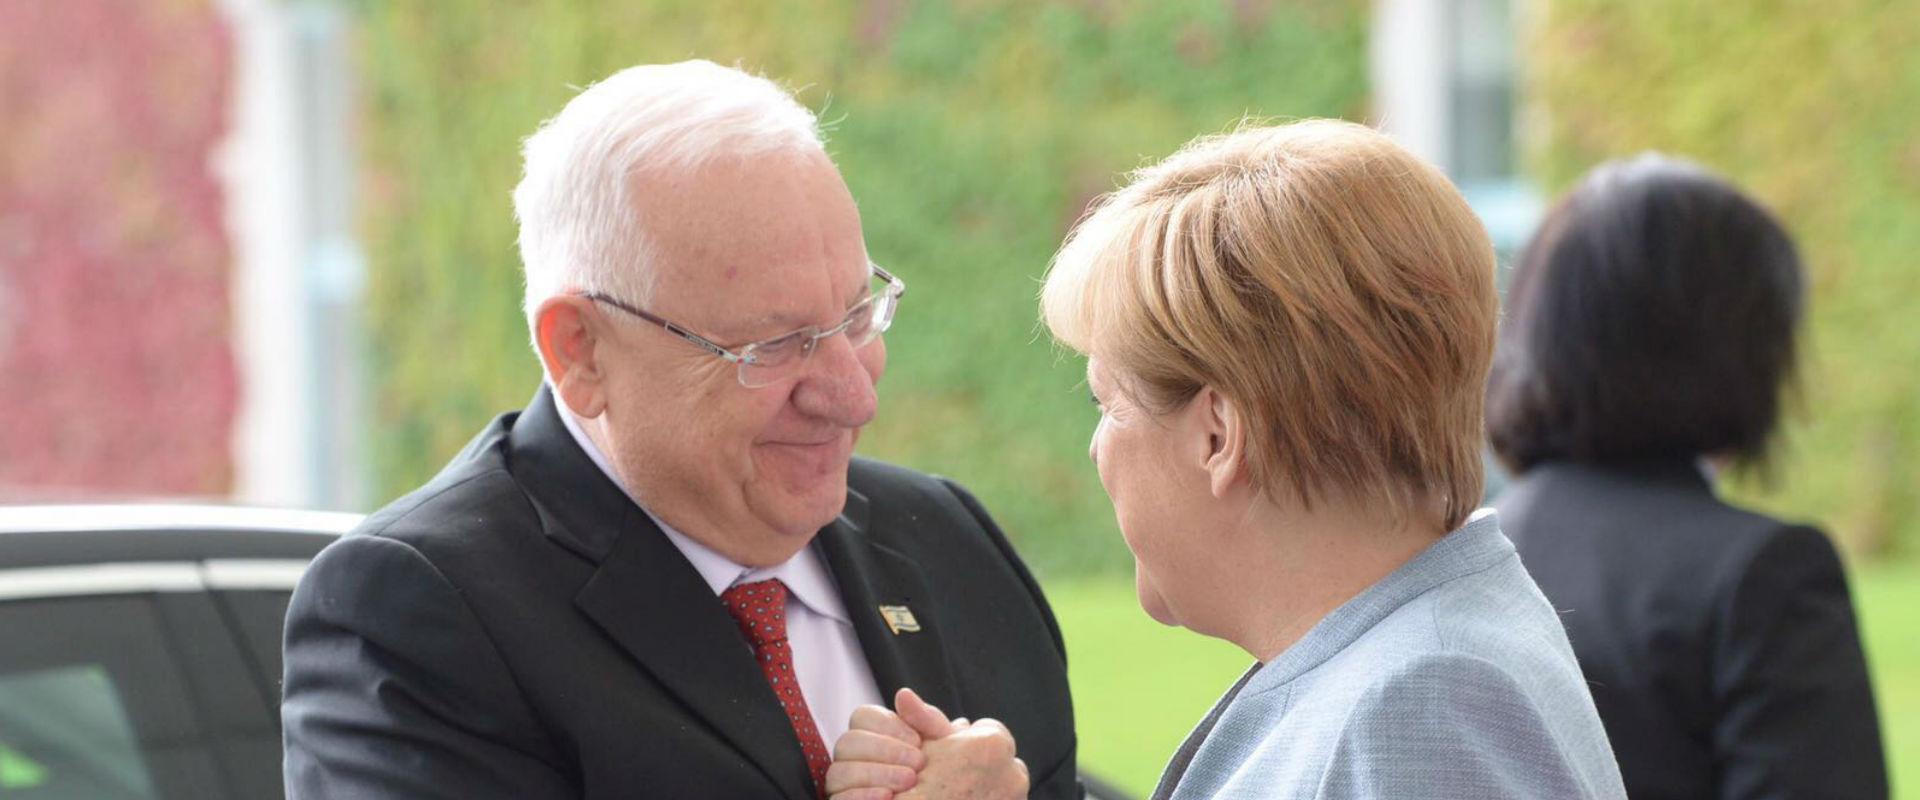 מרקל וריבלין בפגישתם בגרמניה